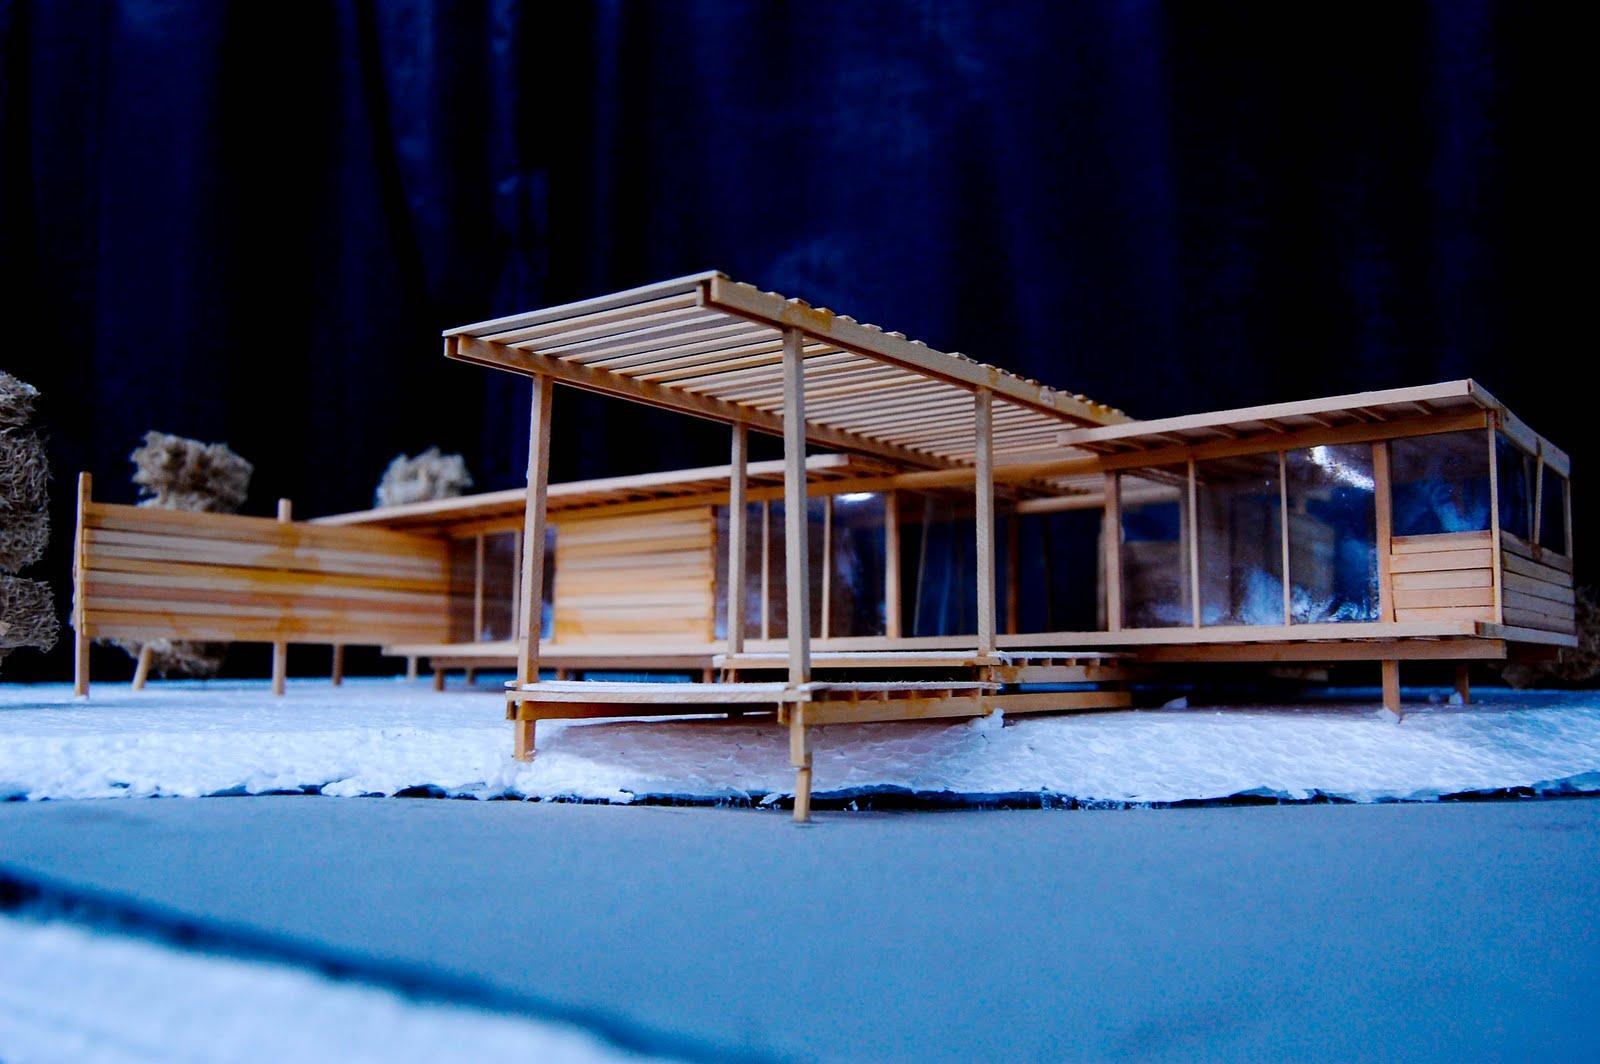 Arquitectura 1 agg maquetas 1 entrega - Agg arquitectura ...